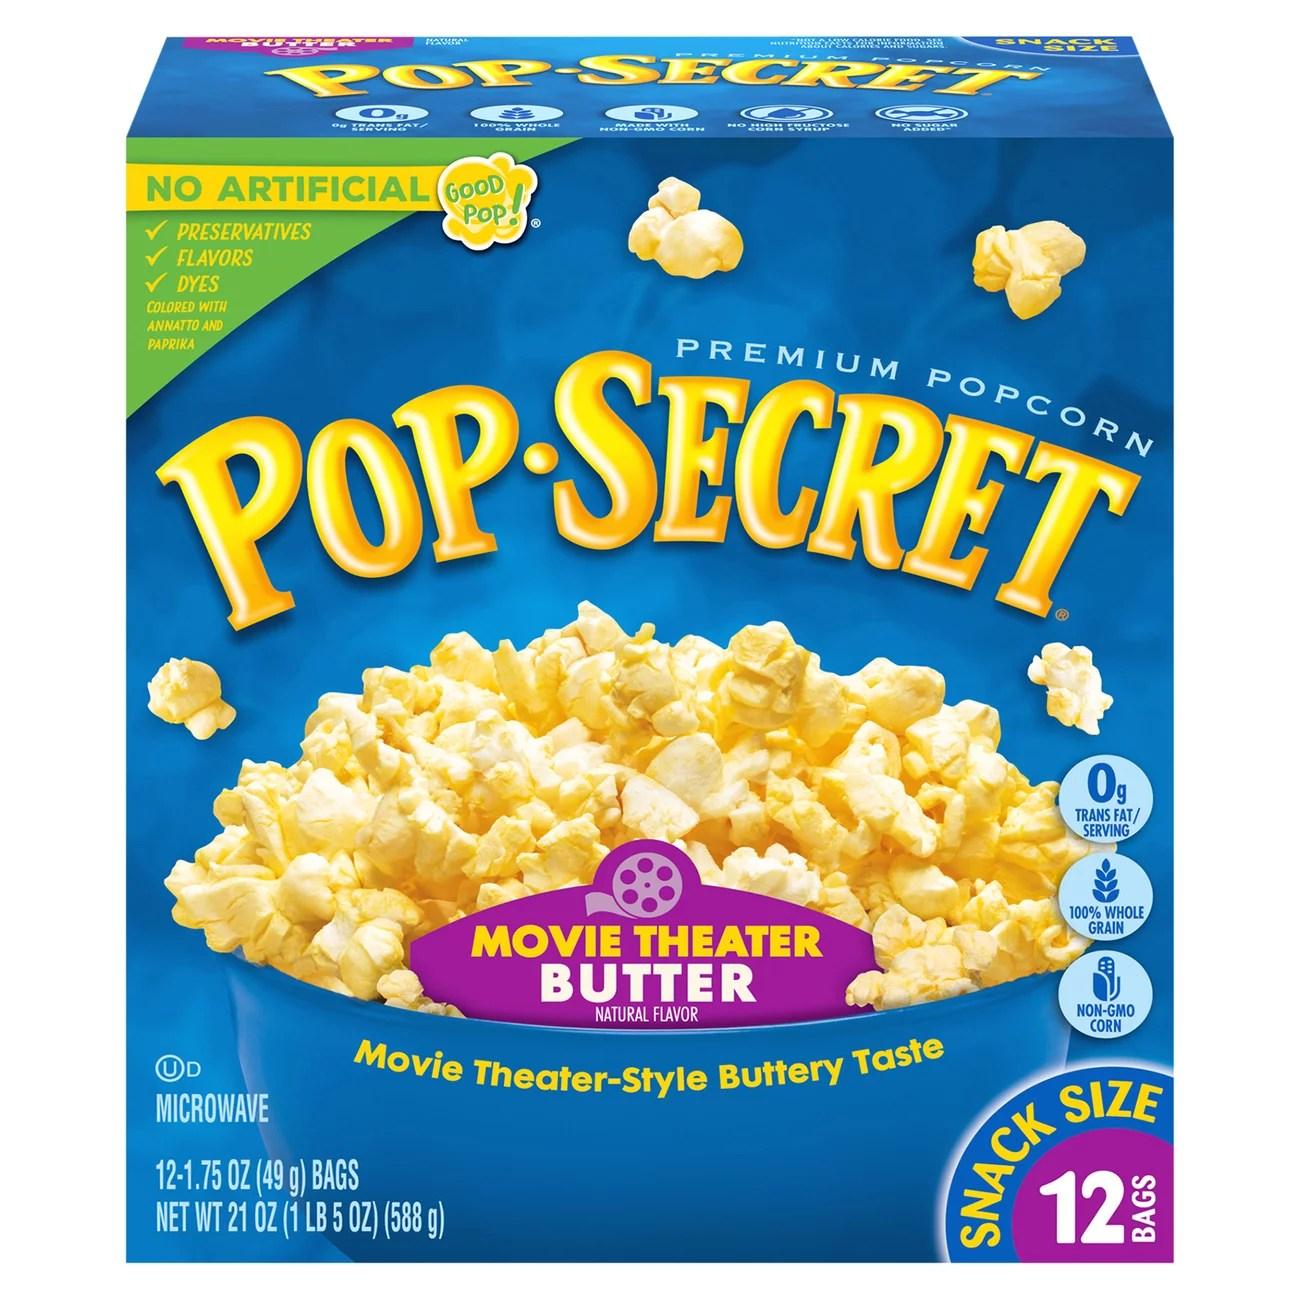 pop secret movie theater butter